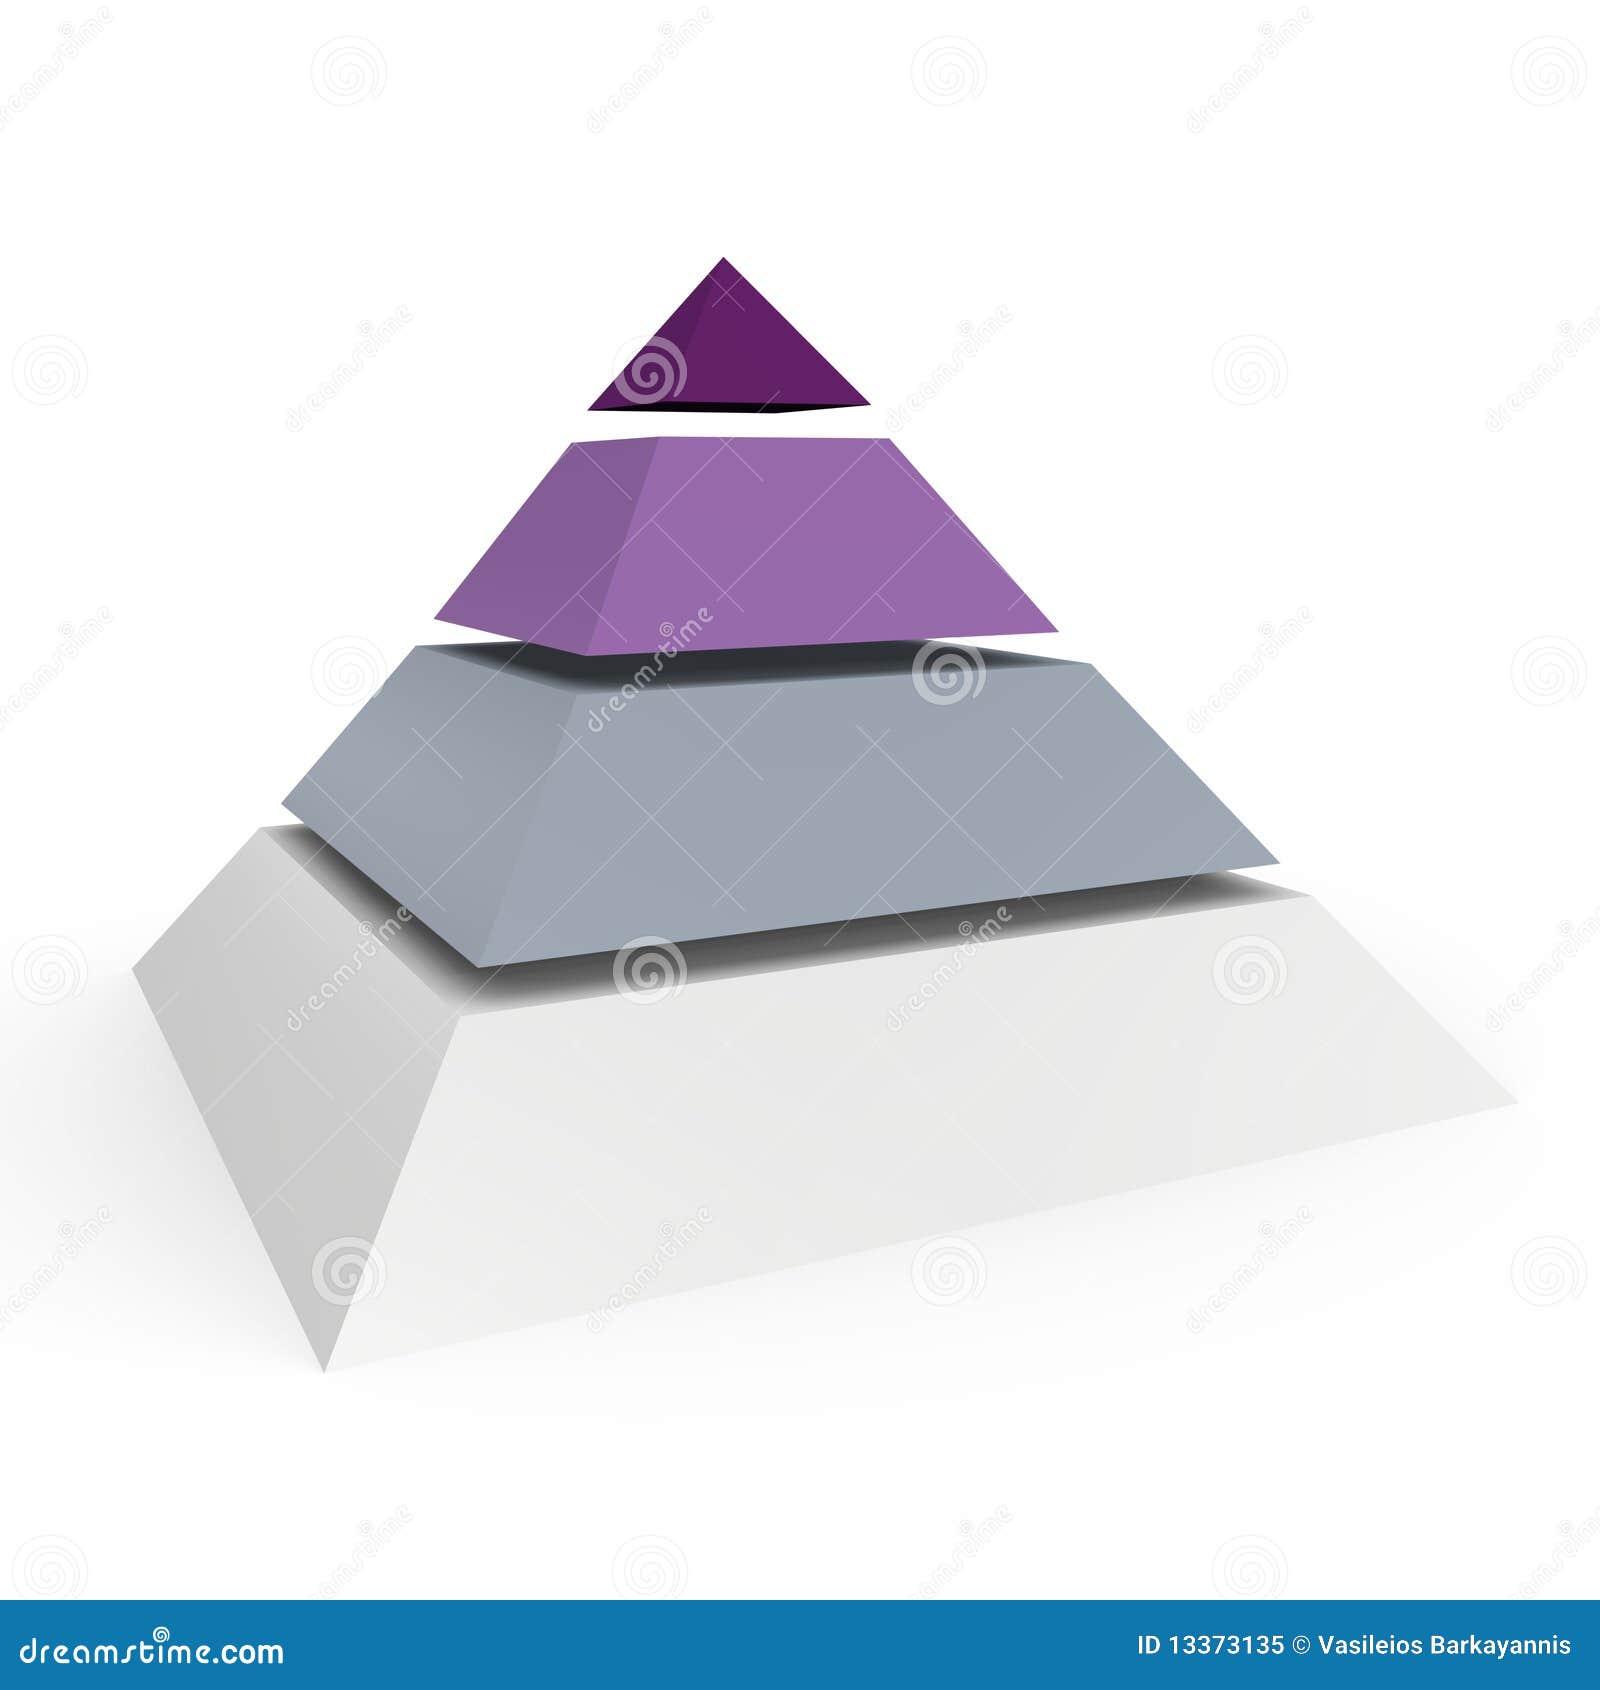 Una piramide dei 4 livelli - un immagine 3d